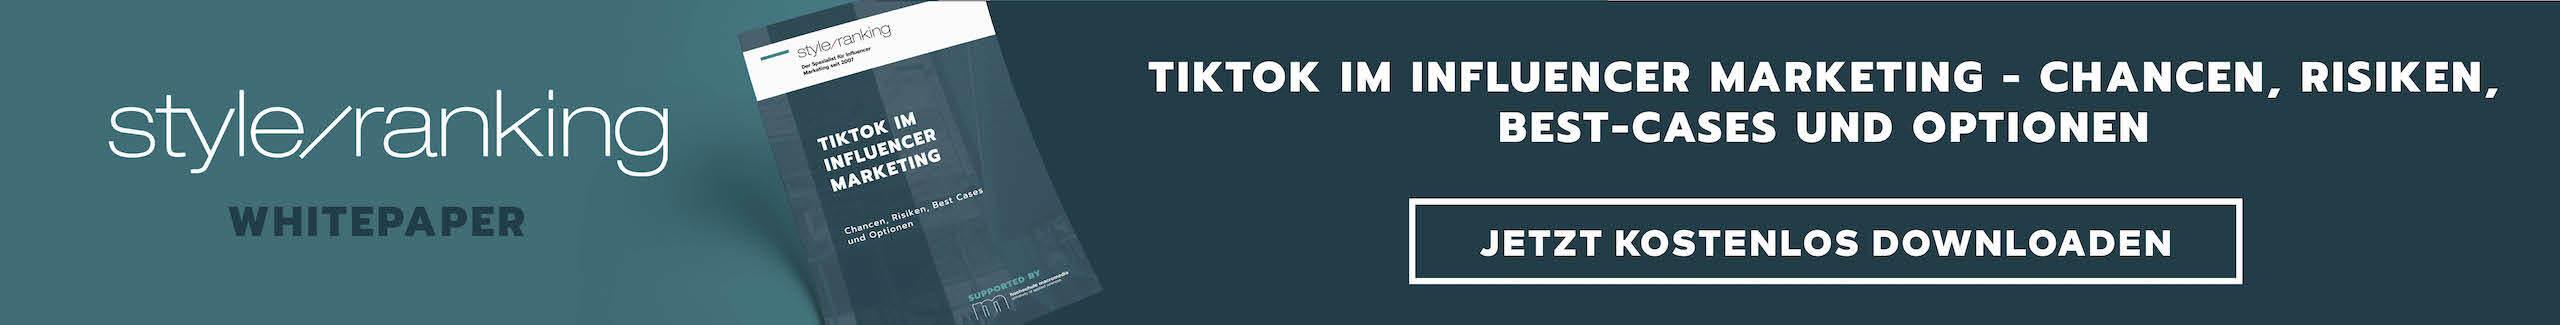 Kosten, Werbemöglichkeiten, Chancen: Jetzt kostenlos das Whitepaper zu Influencer Marketing mit TikTok downloaden!